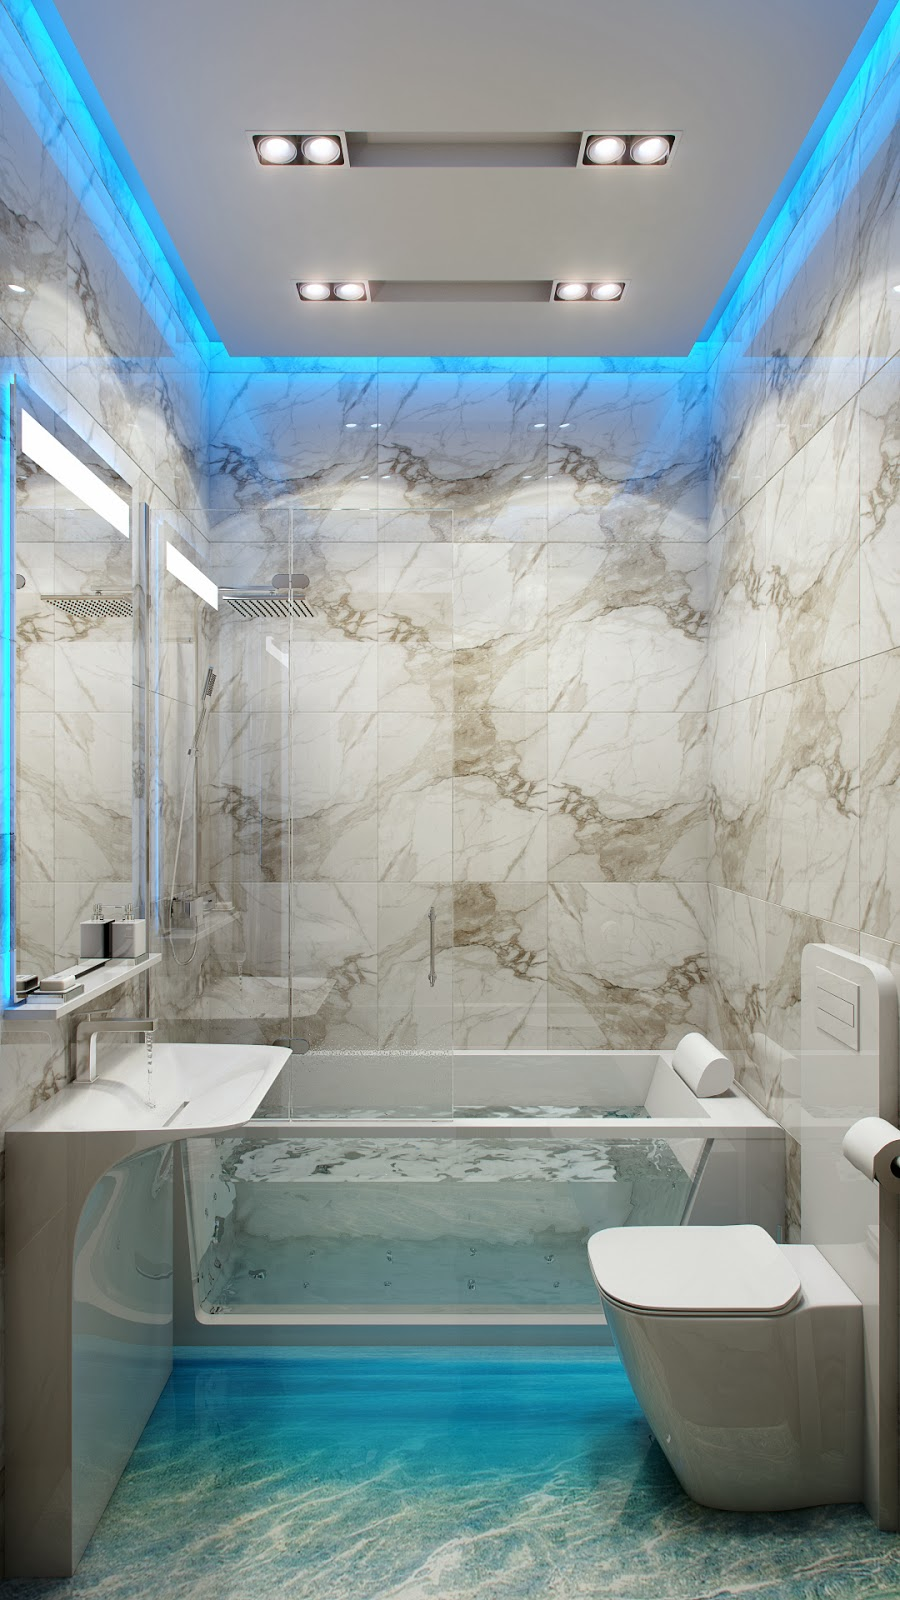 Dr Ken Shore Proper Bathroom Etiquete  Education World